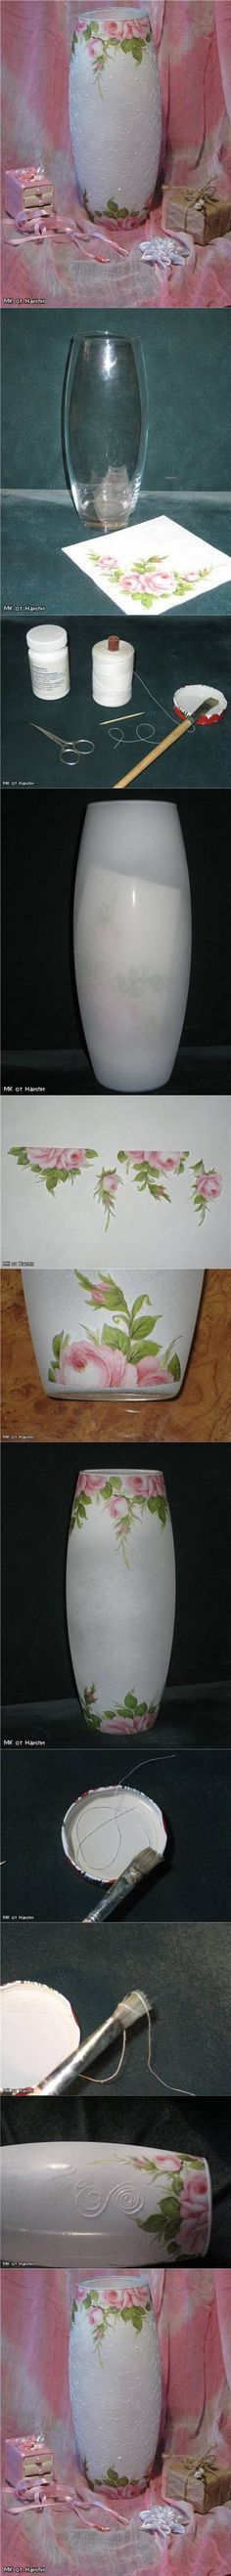 DIY How Paint Glass Jar - http://www.liveinternet.ru/users/tinnka7/post218256684